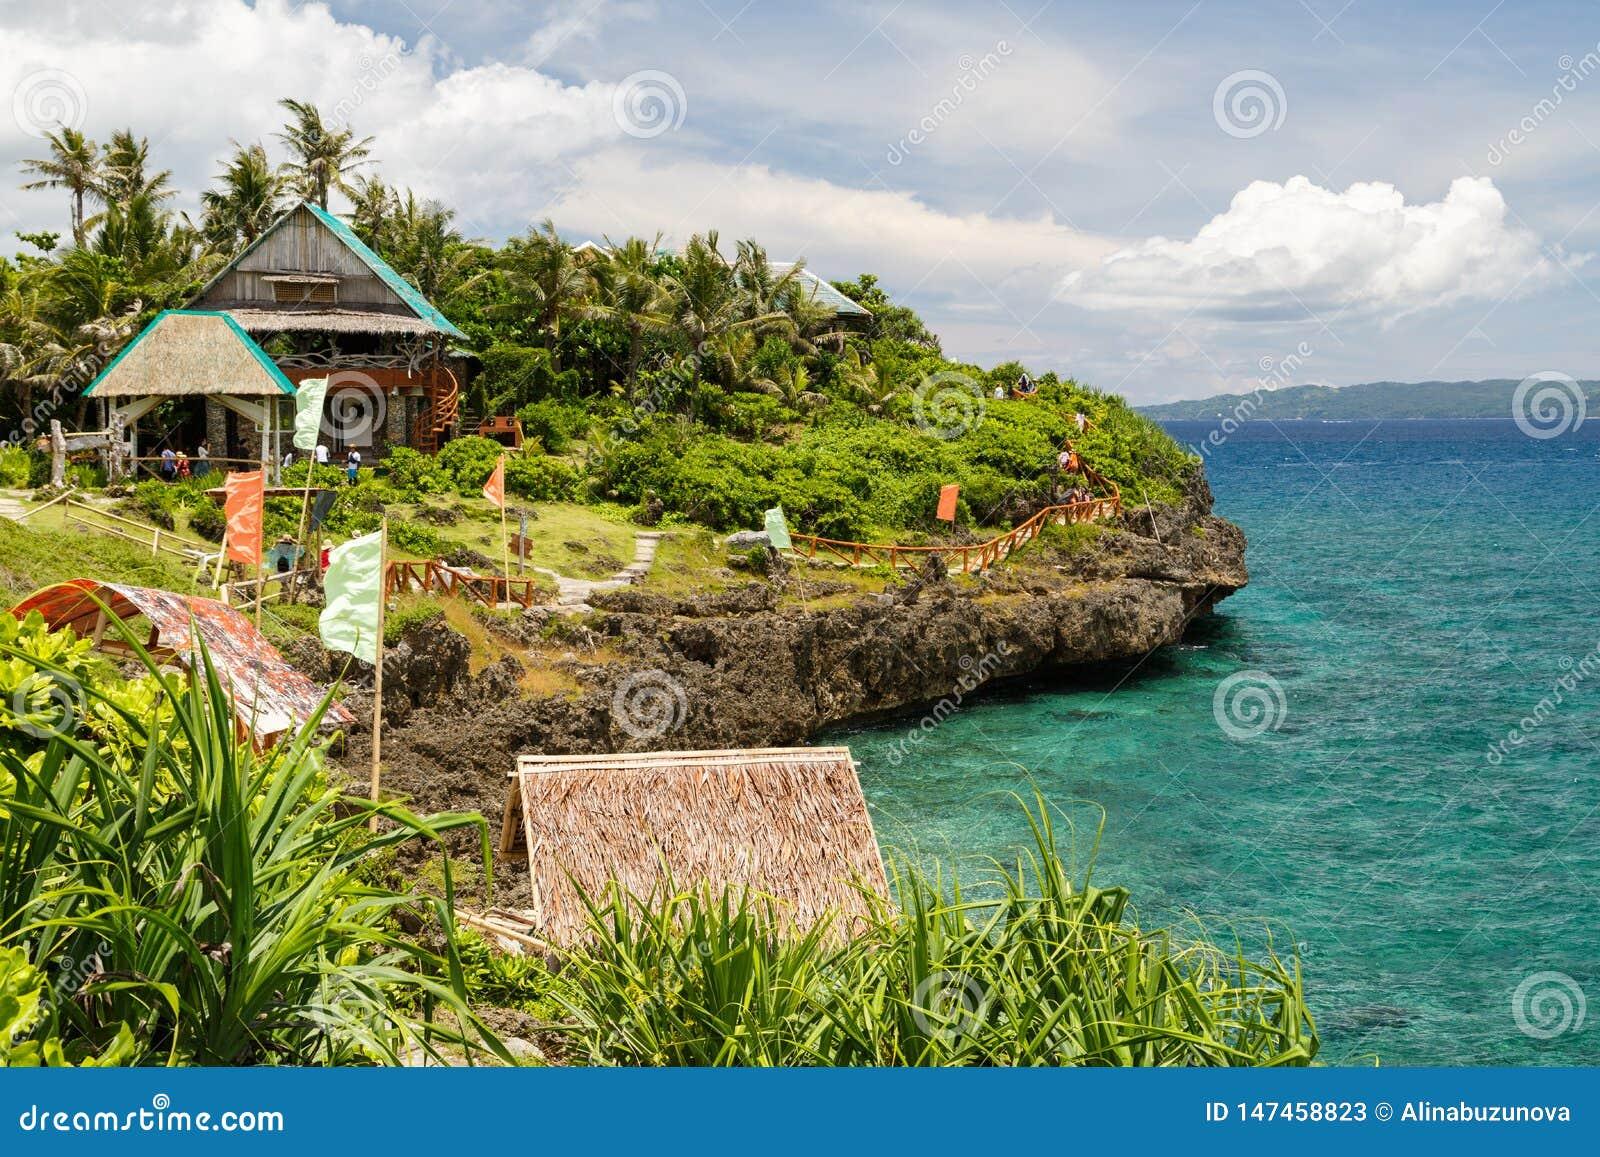 豪华旅行游轮假期目的地博拉凯海岛鸟瞰图